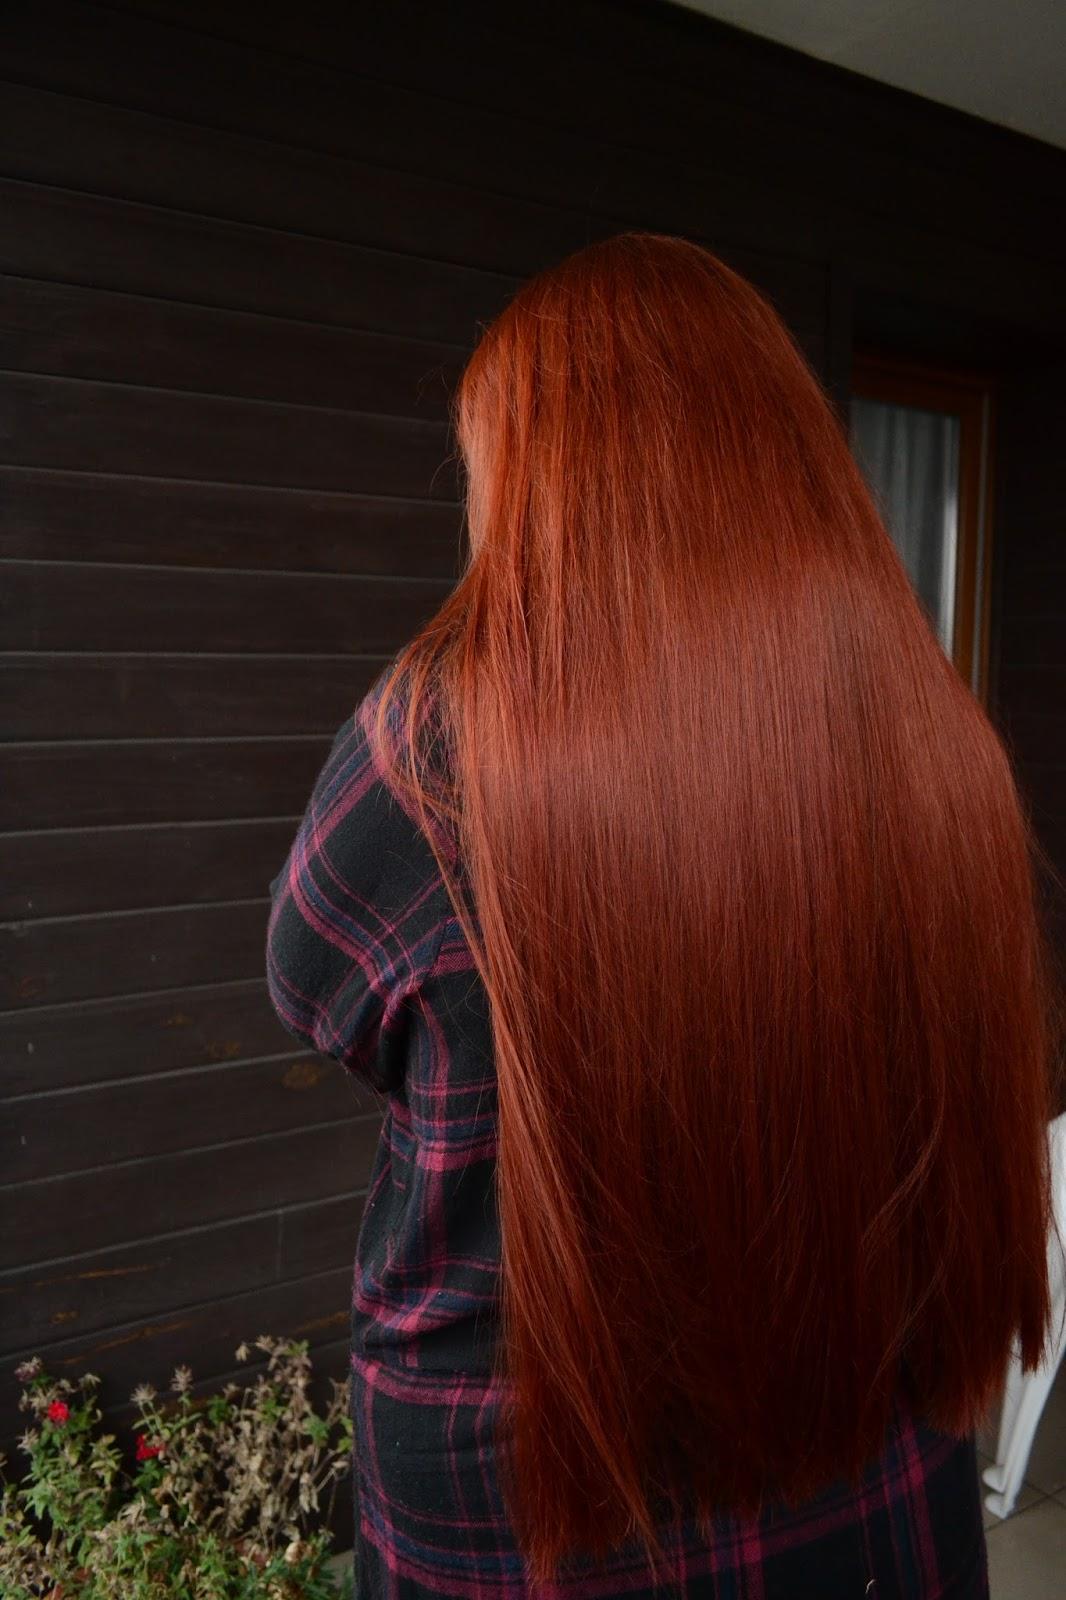 Niedziela dla włosów - Nowości w akcji: Szampon Bentley Organic, Maska Ekos